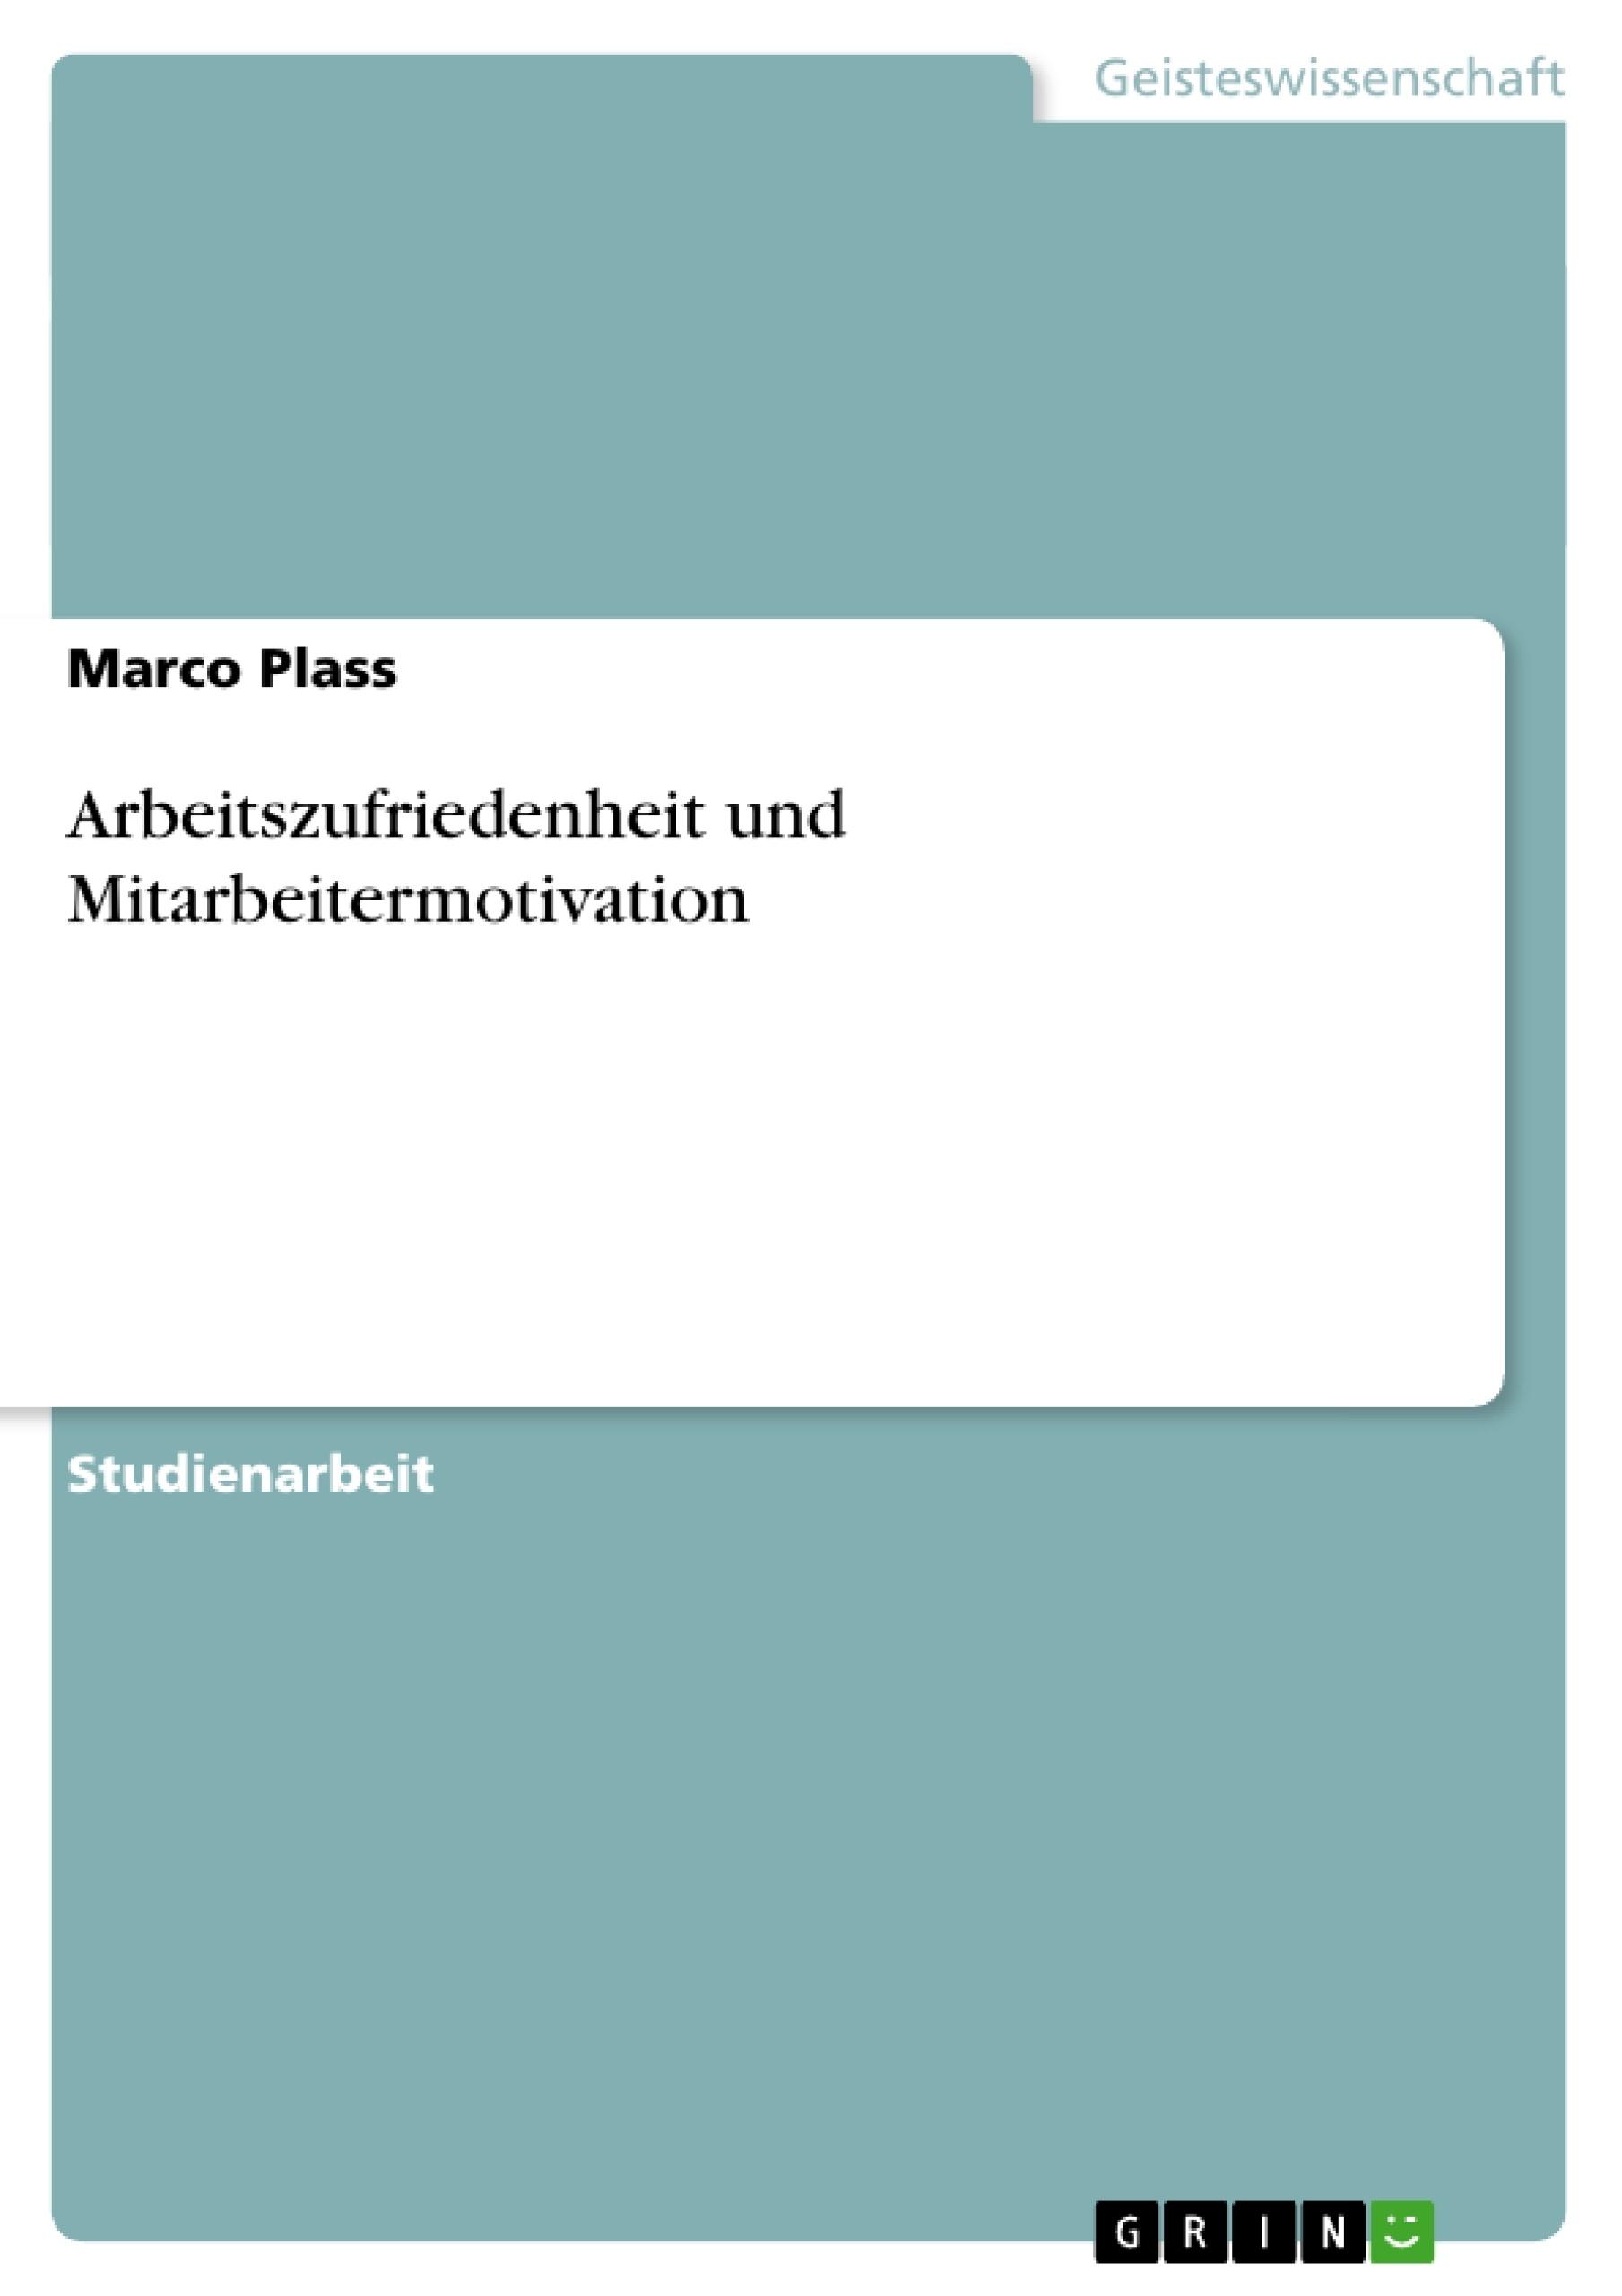 Titel: Arbeitszufriedenheit und Mitarbeitermotivation